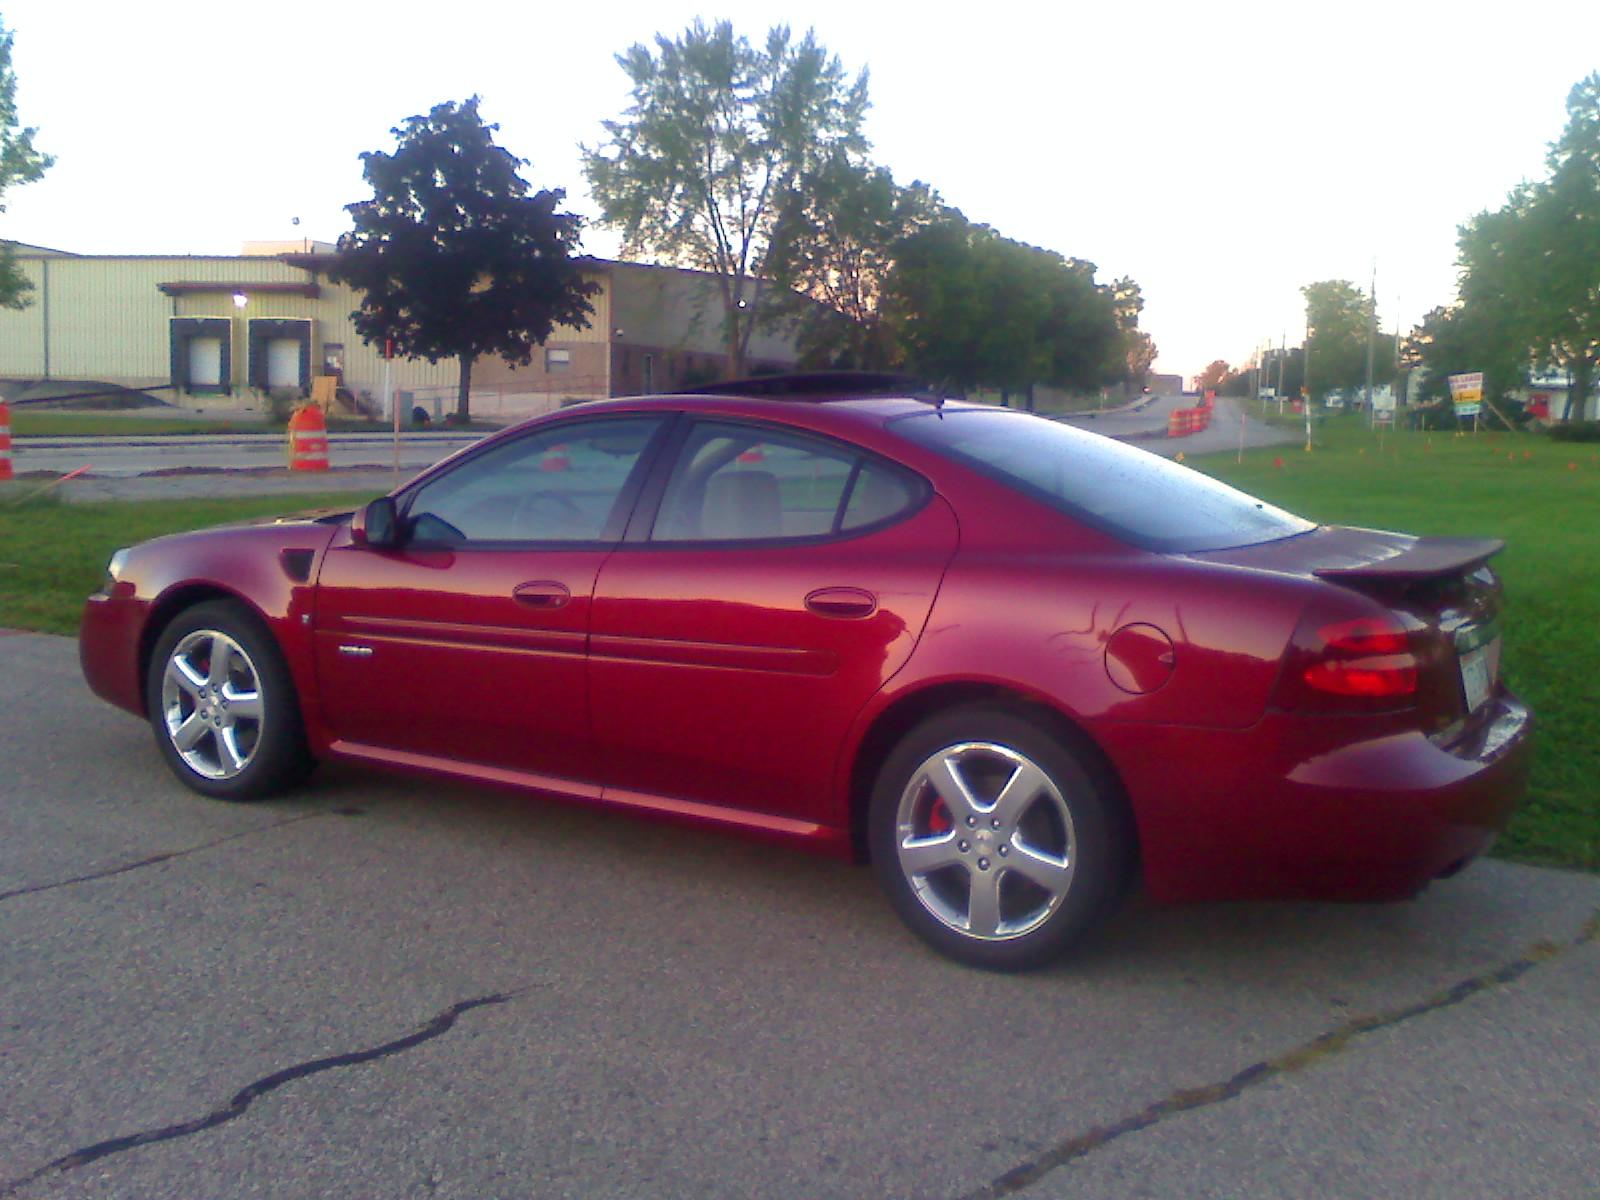 2008 Pontiac Grand Prix Pictures Cargurus